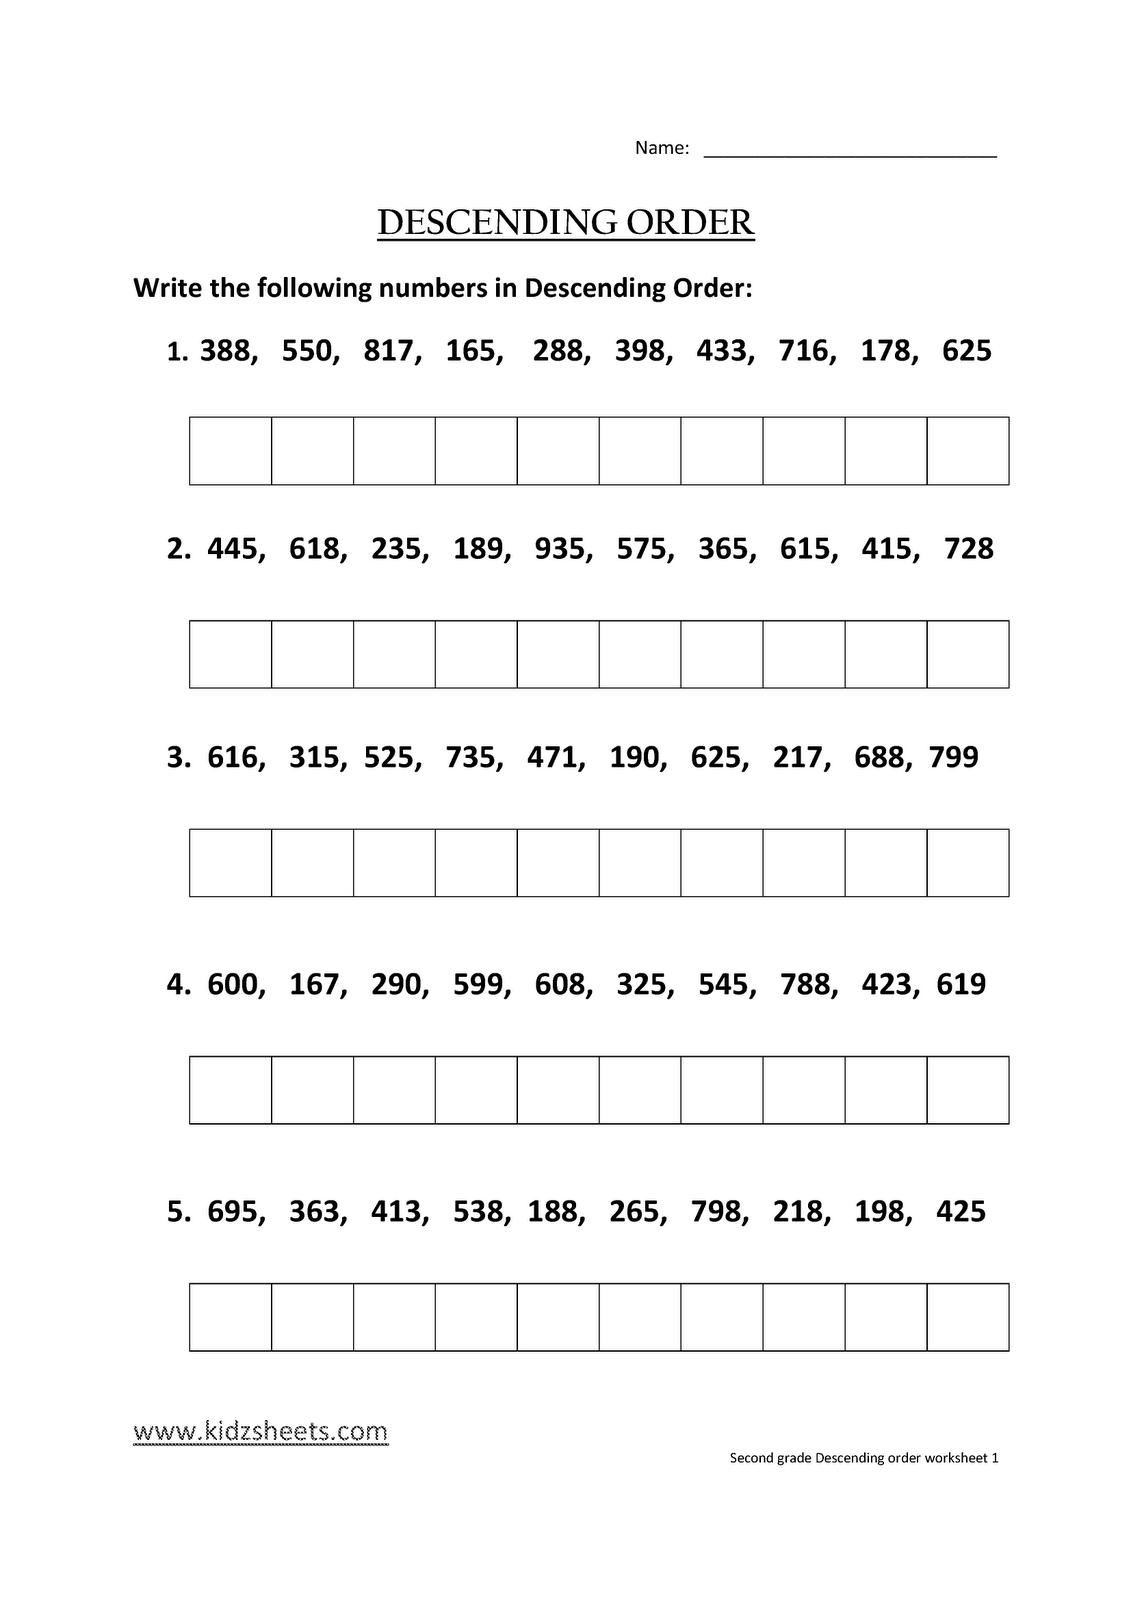 Bunch Ideas Of Ascending Order Descending Order Worksheets In